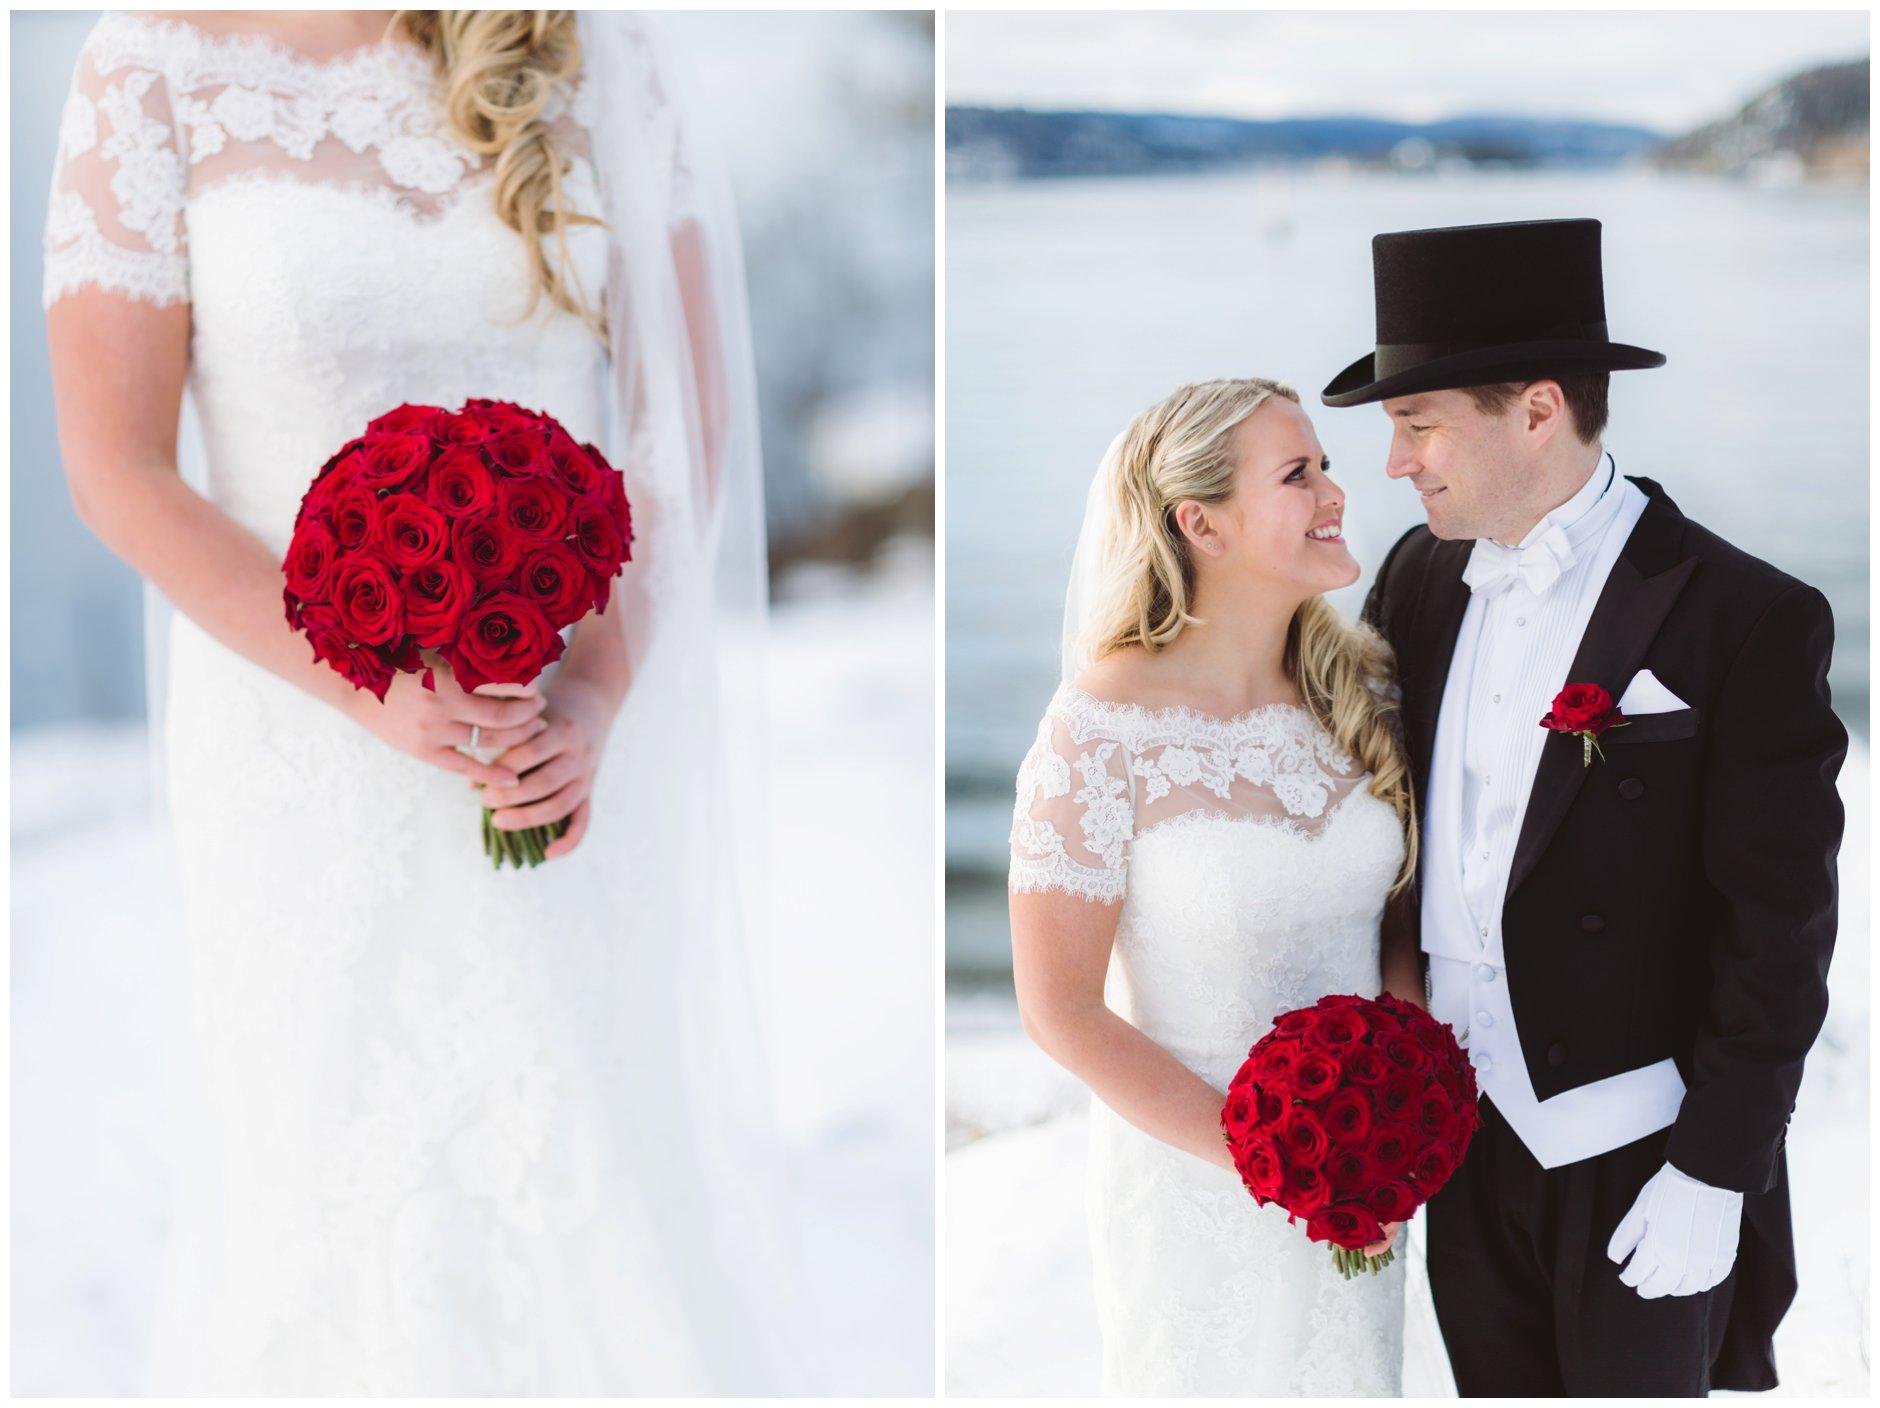 Vinterbryllup med mørke røde roser i brudebuketten